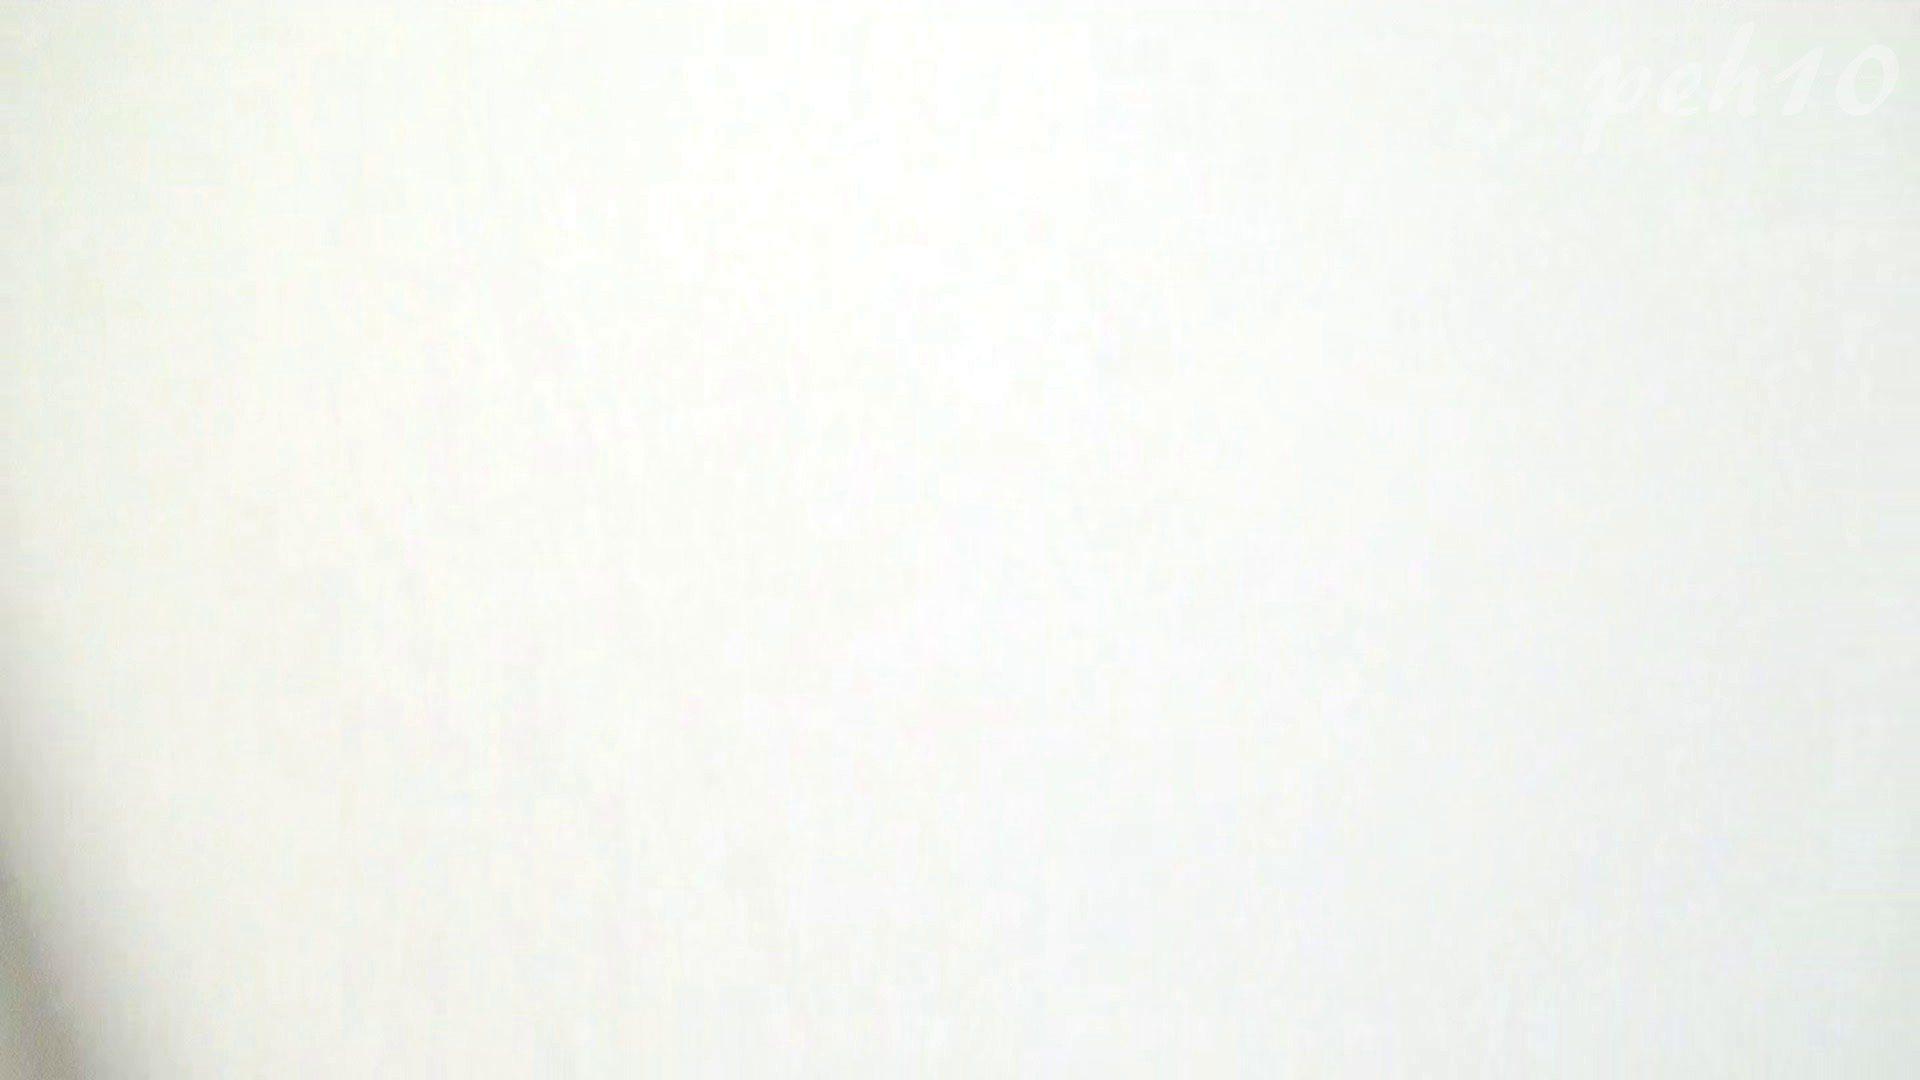 ※100個限定販売 至高下半身盗撮 プレミアム Vol.10 ハイビジョン 下半身 | 女体盗撮  44連発 25